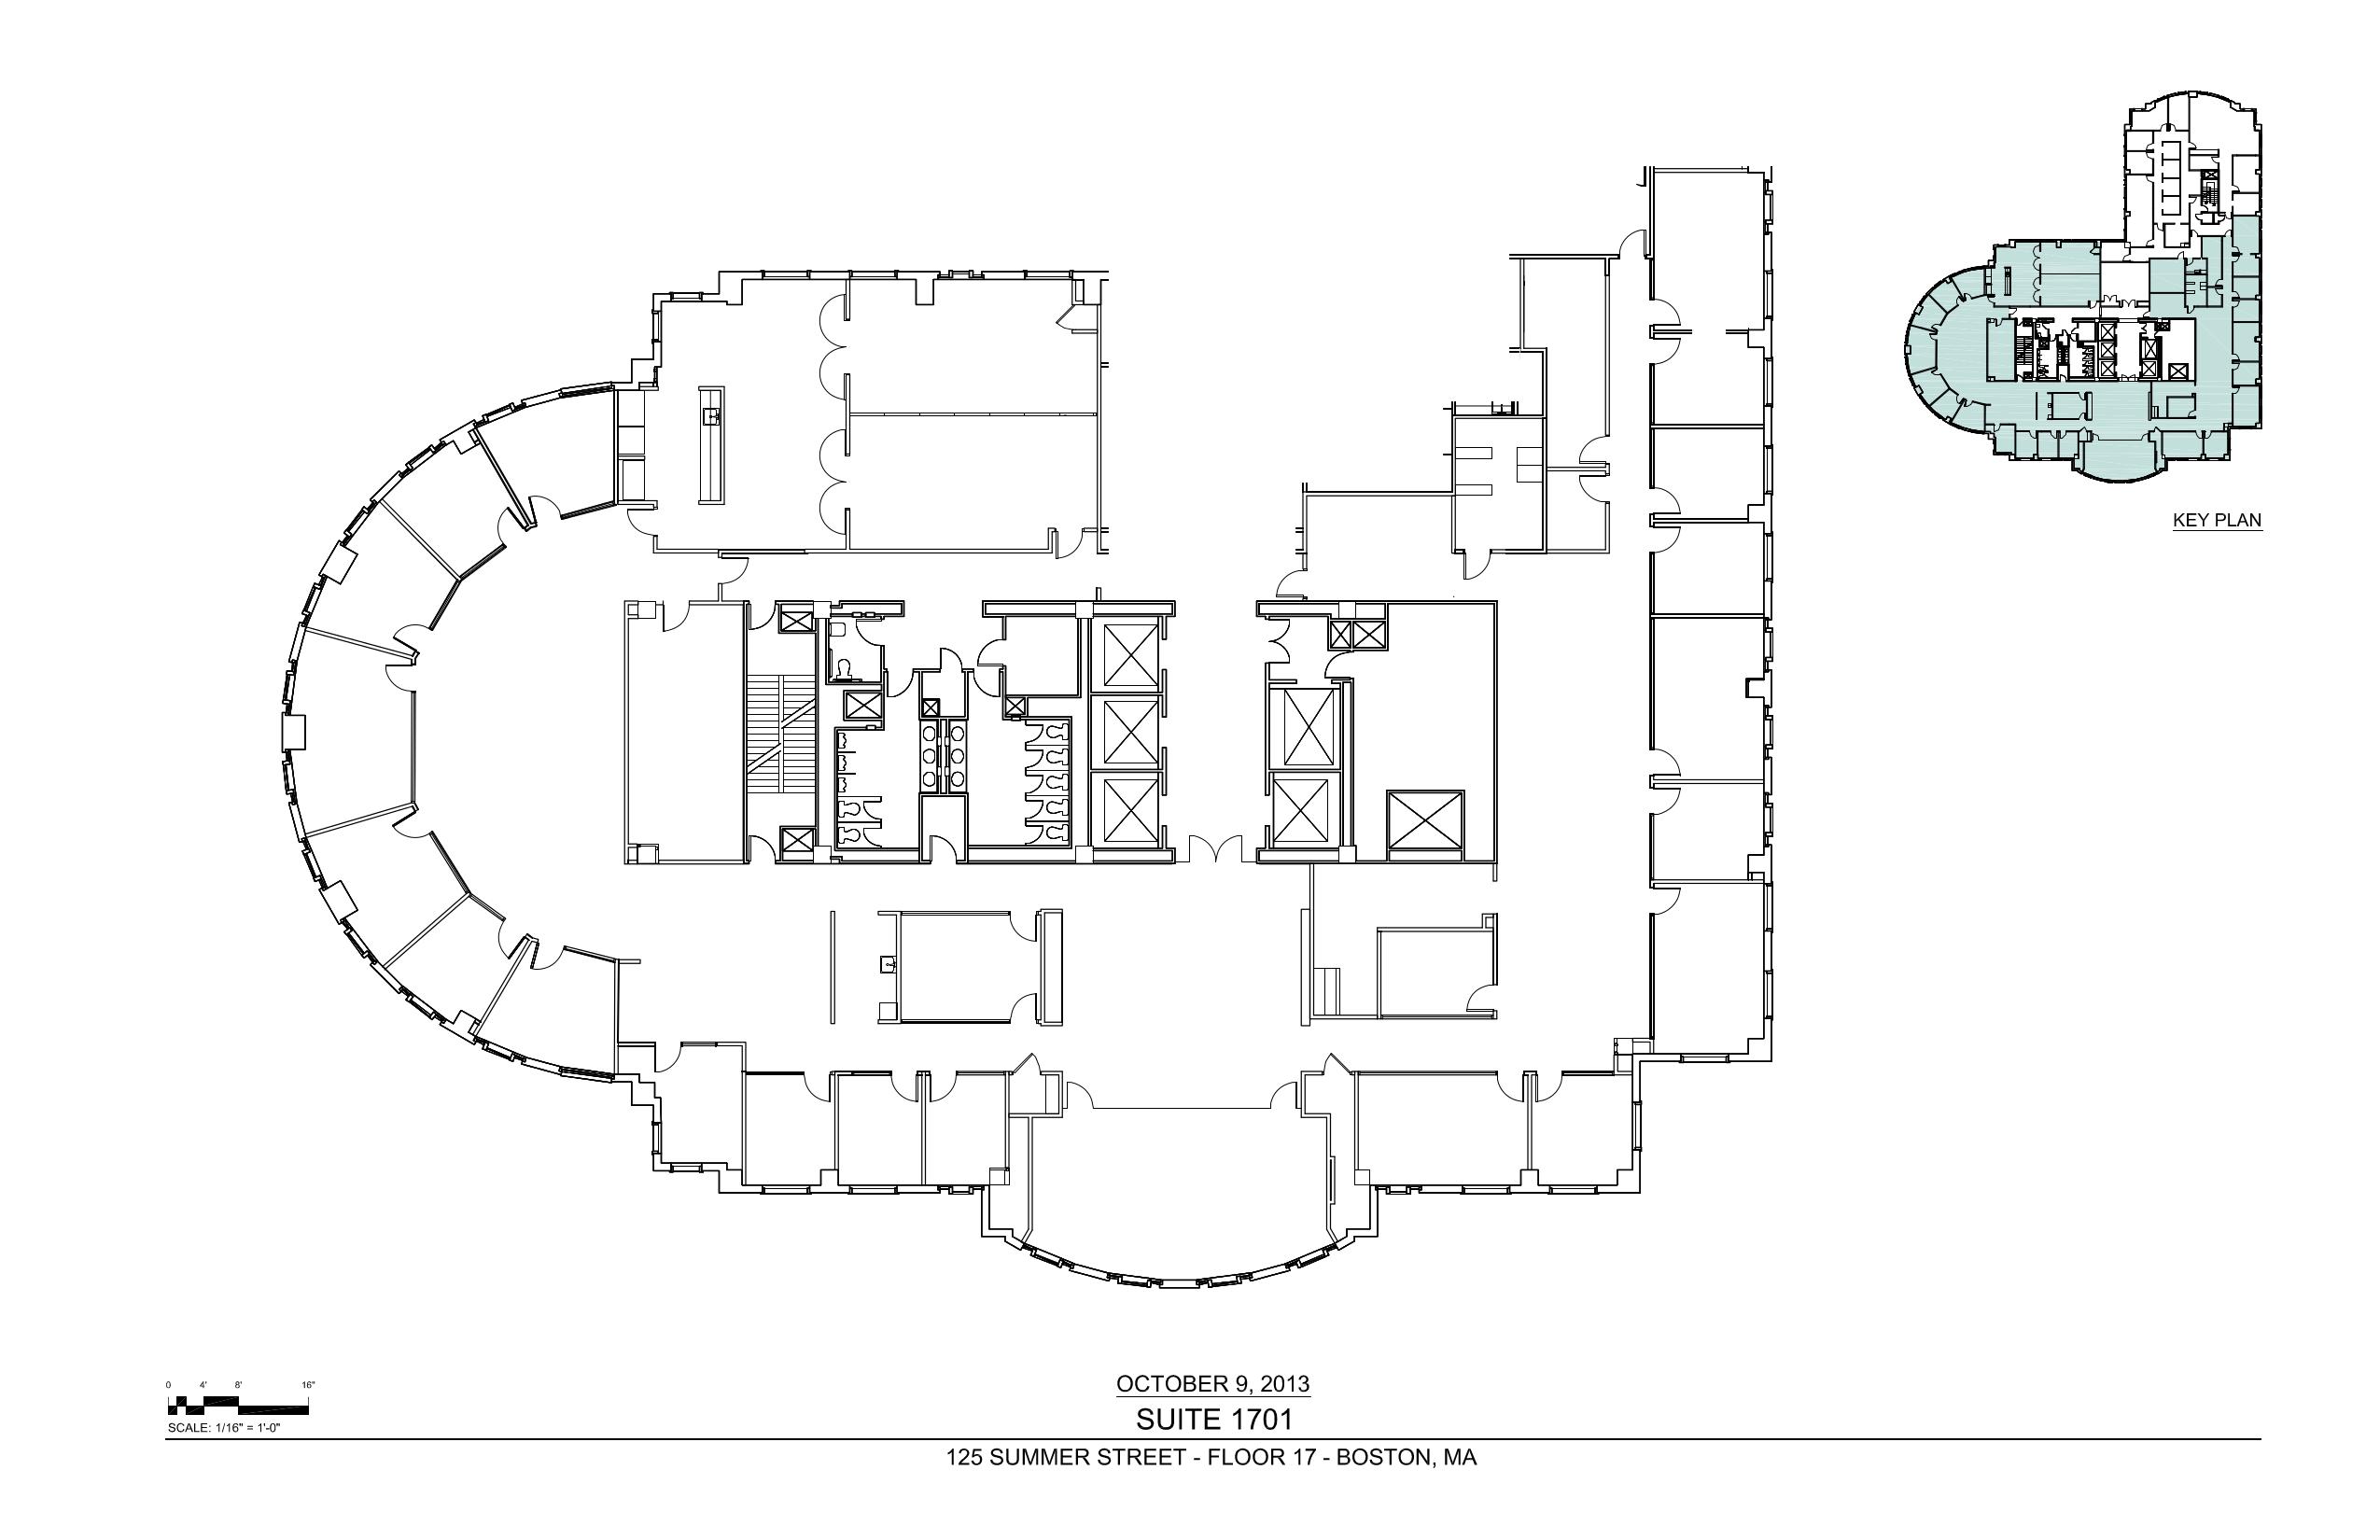 Floor plan for 17th floor concert schedule